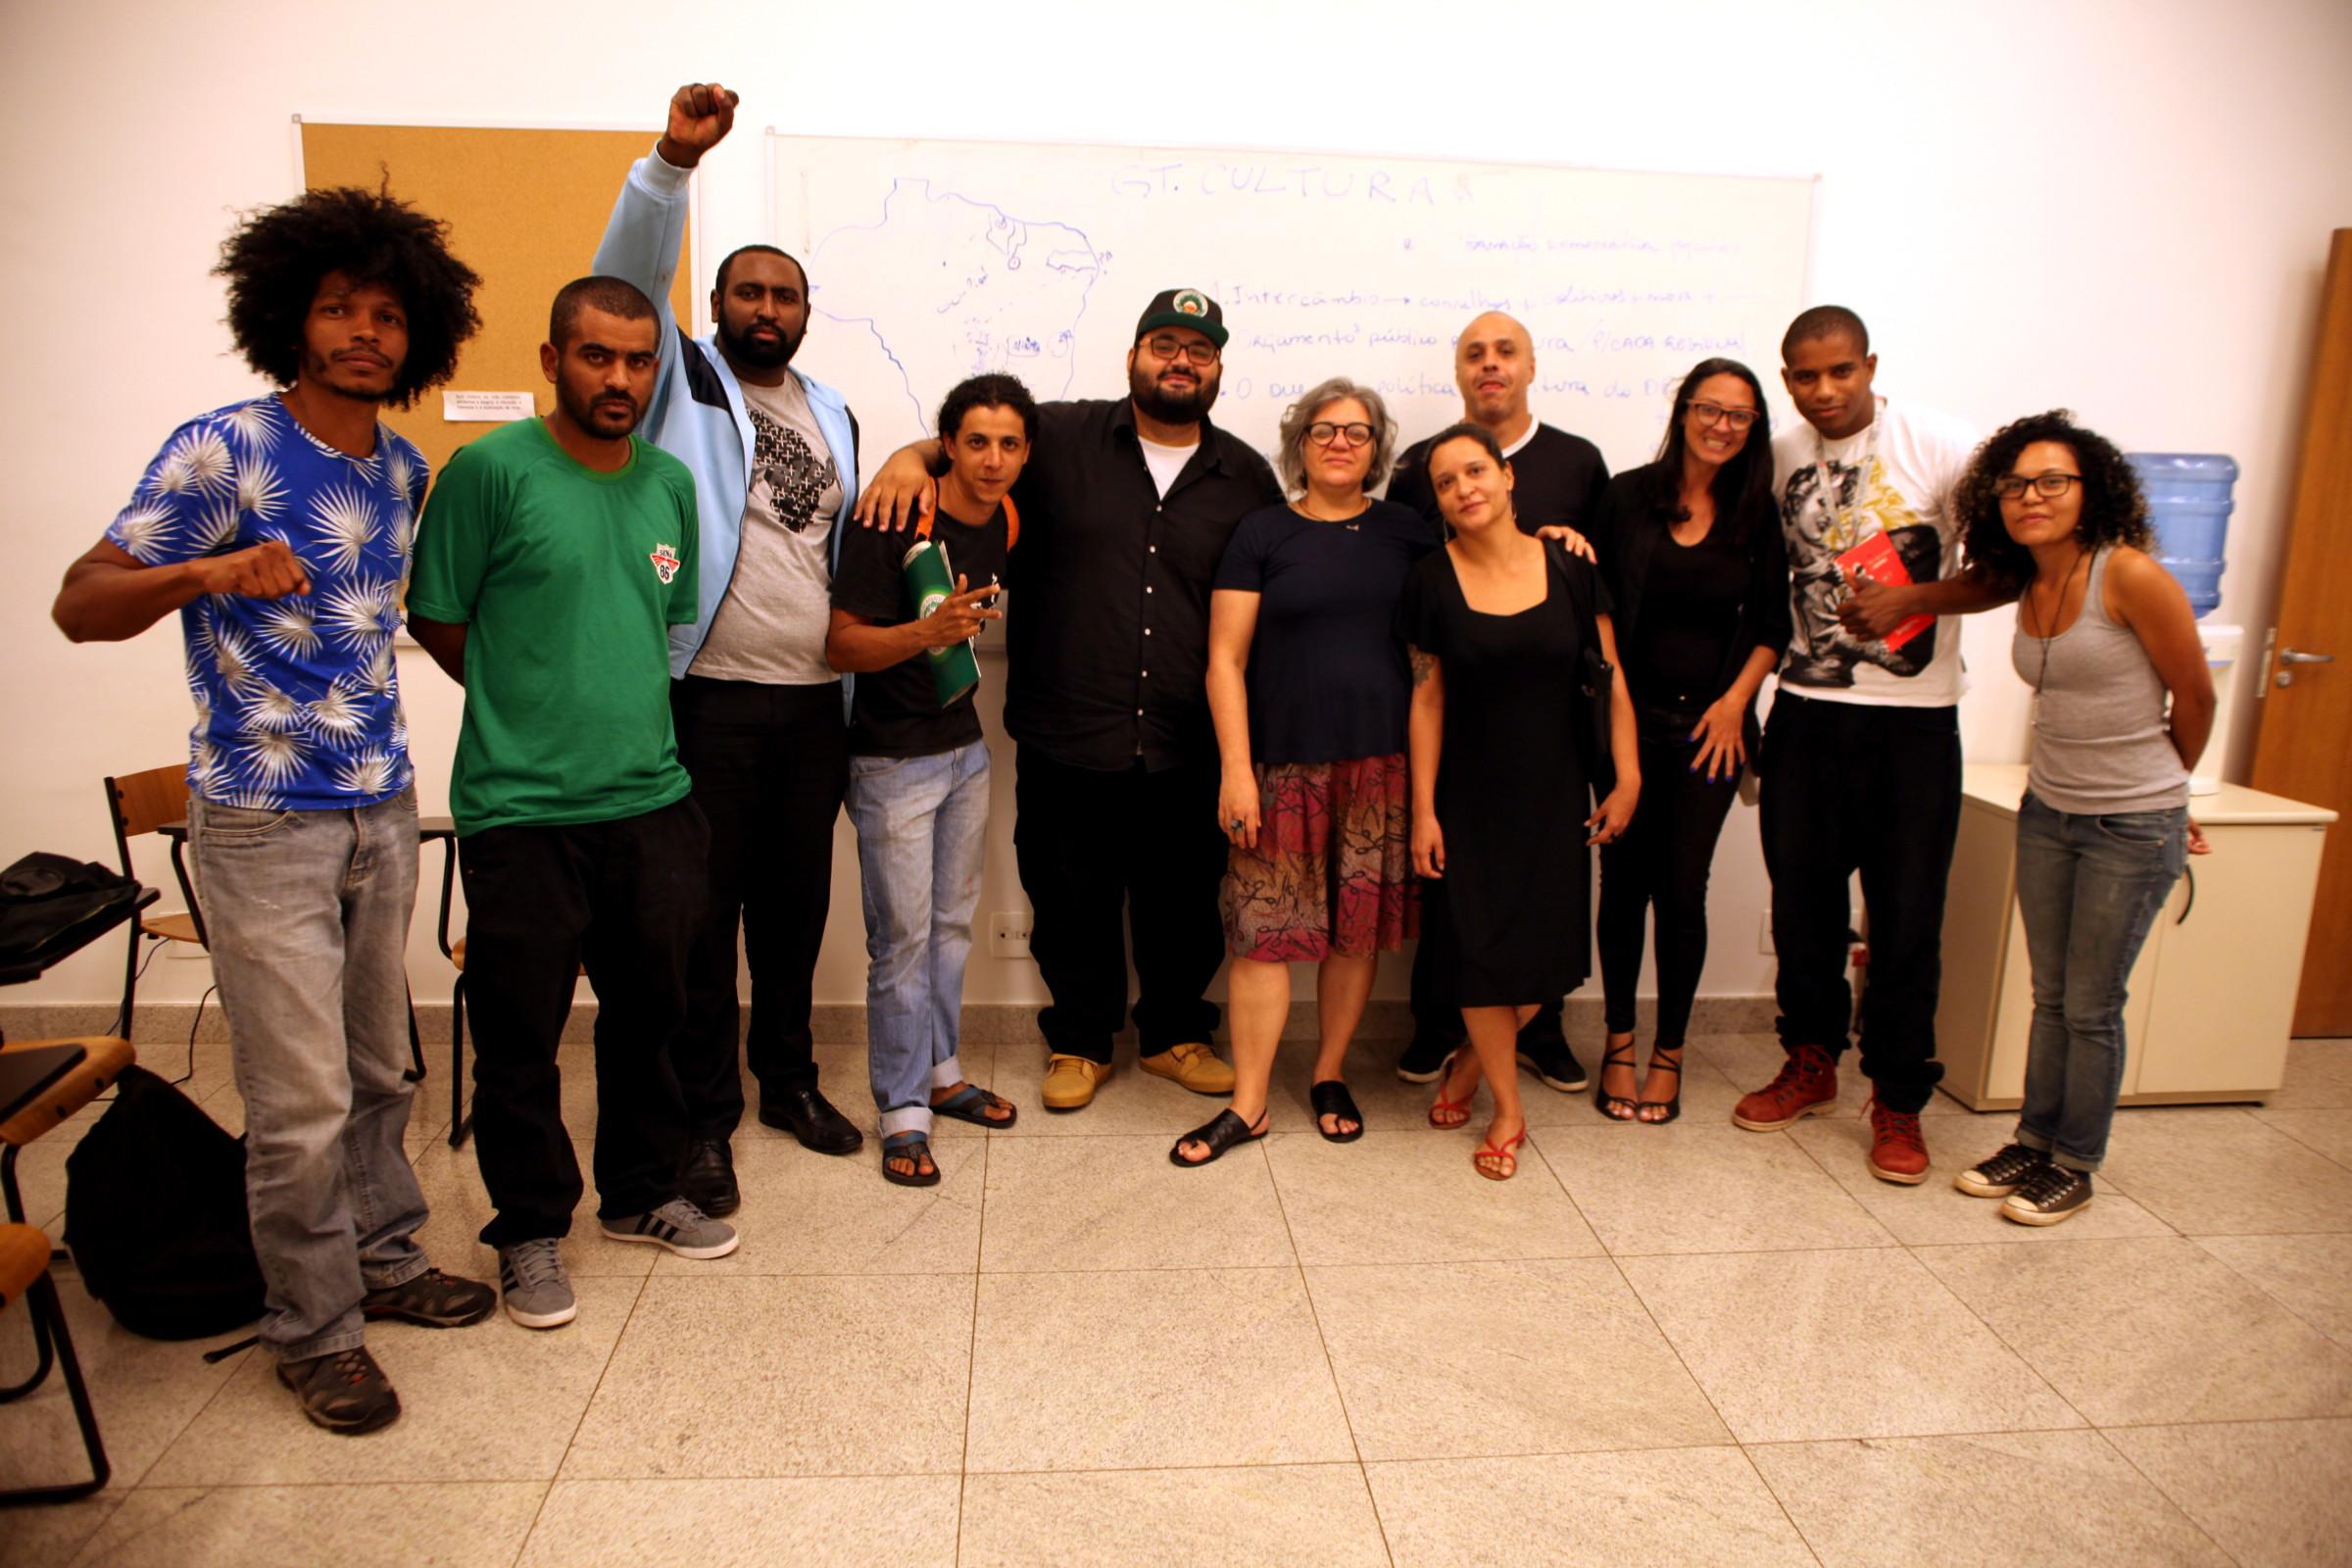 GT de Cultura do Nossa Brasília se reúne pela primeira vez e define ações na área